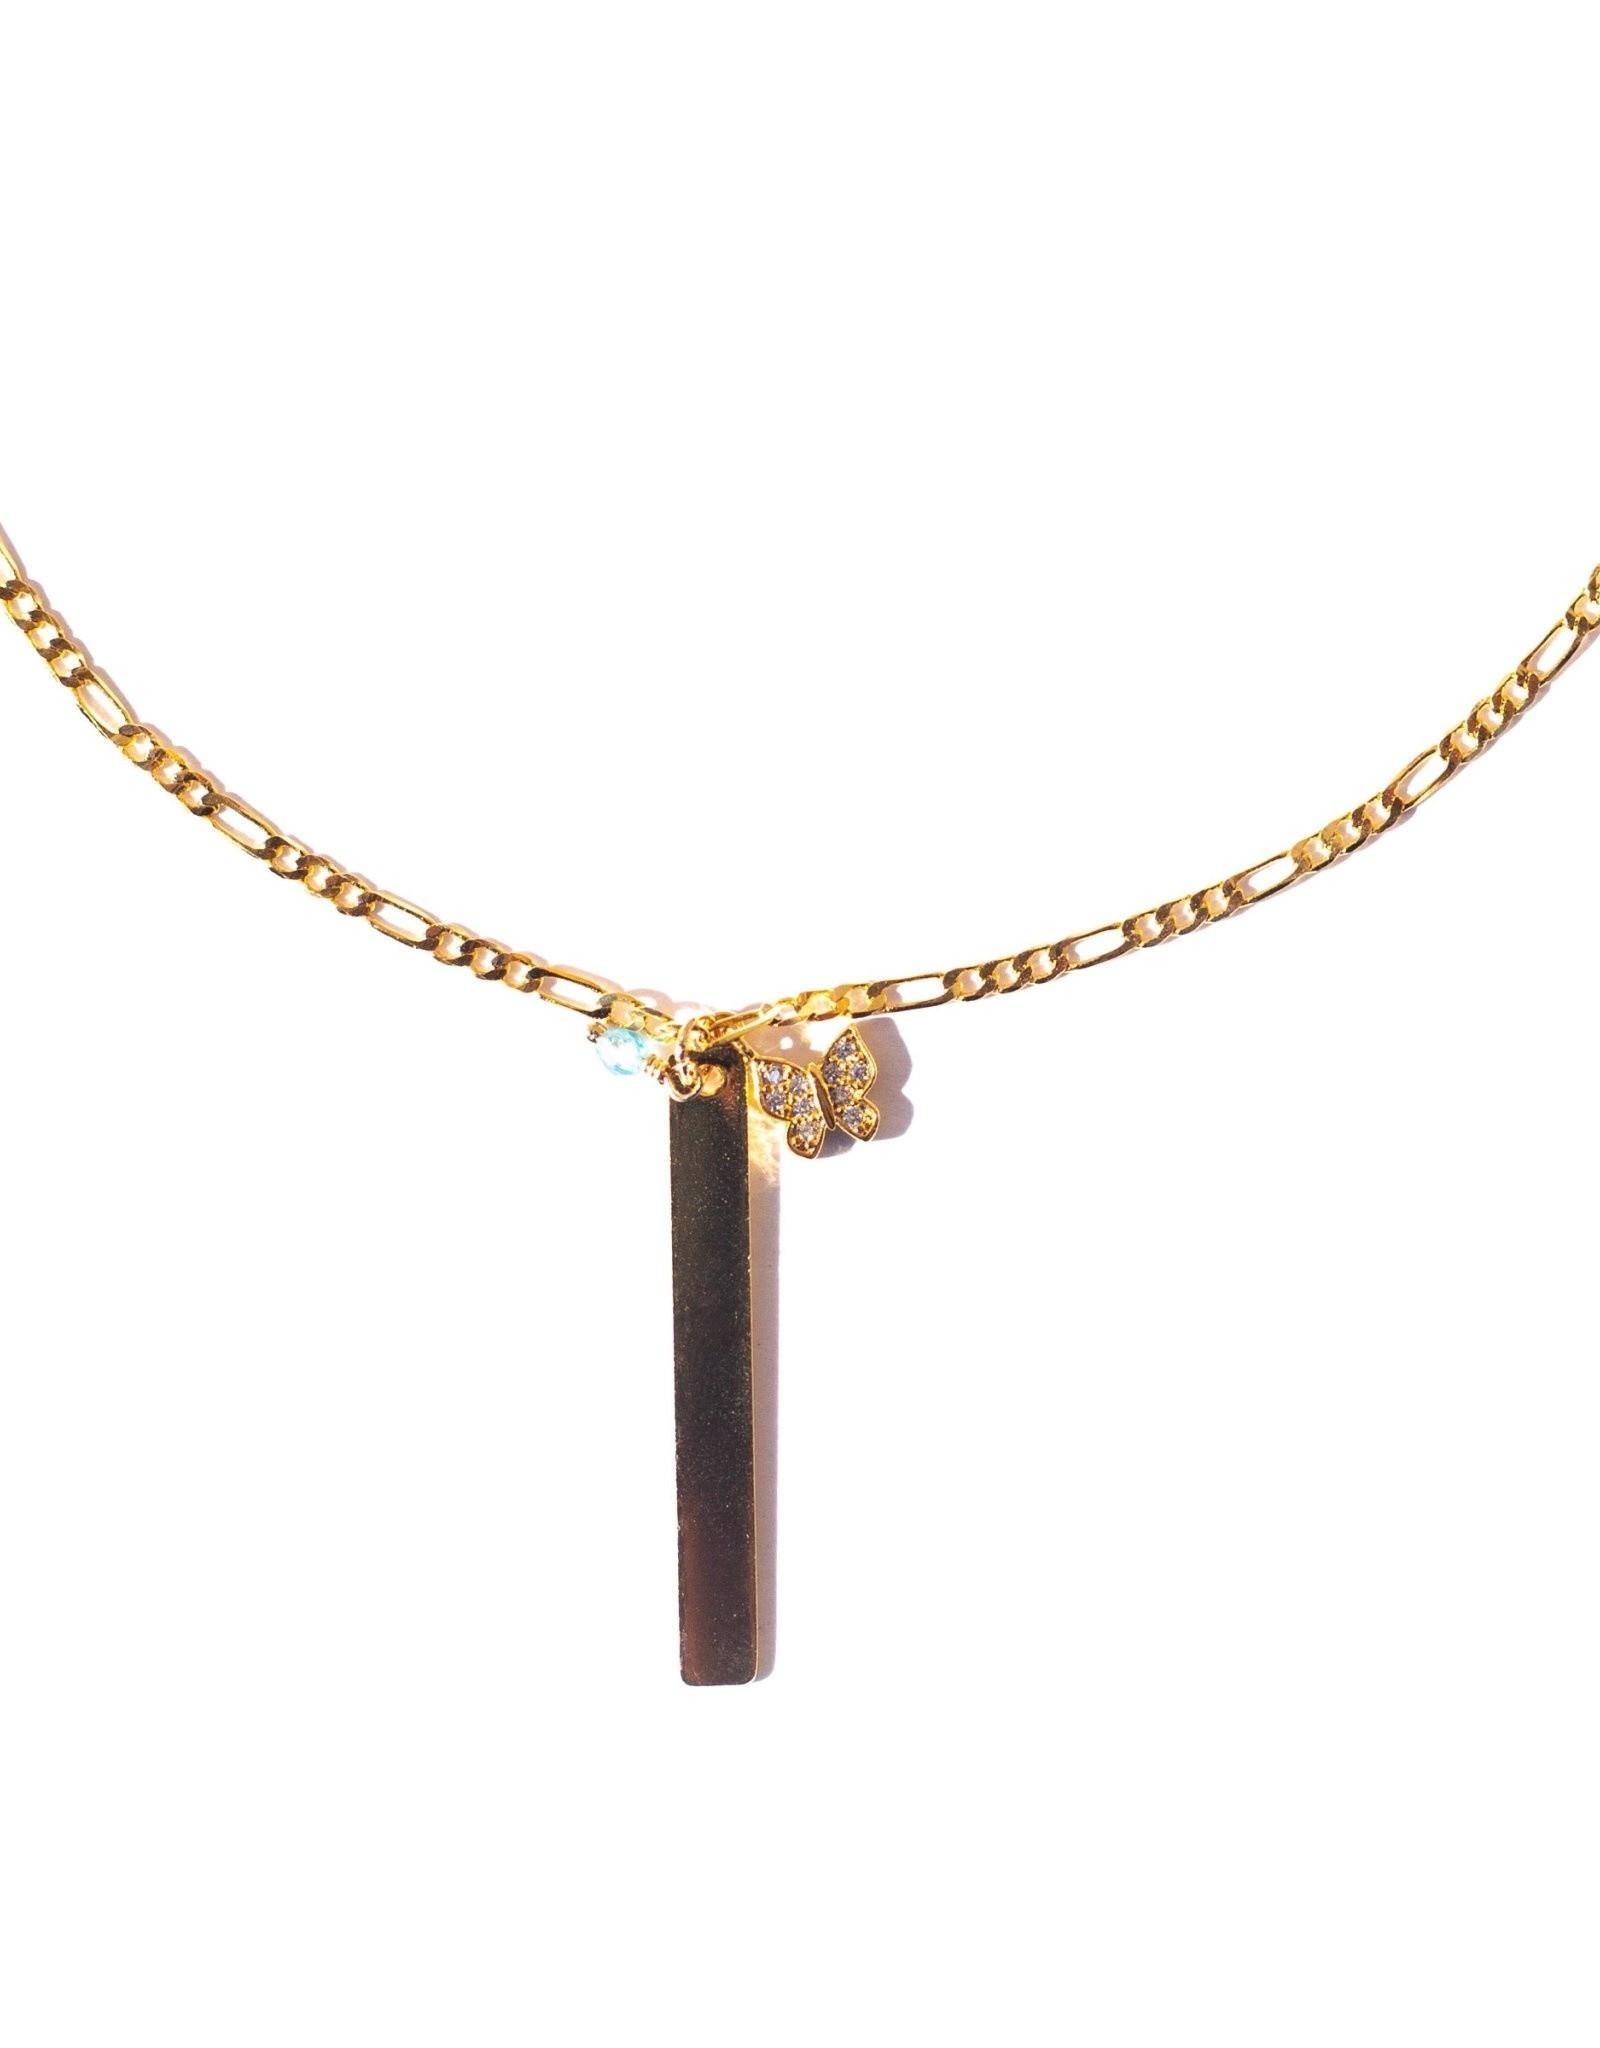 UNCVRD UNCVRD Metamorphosis Bar Necklace